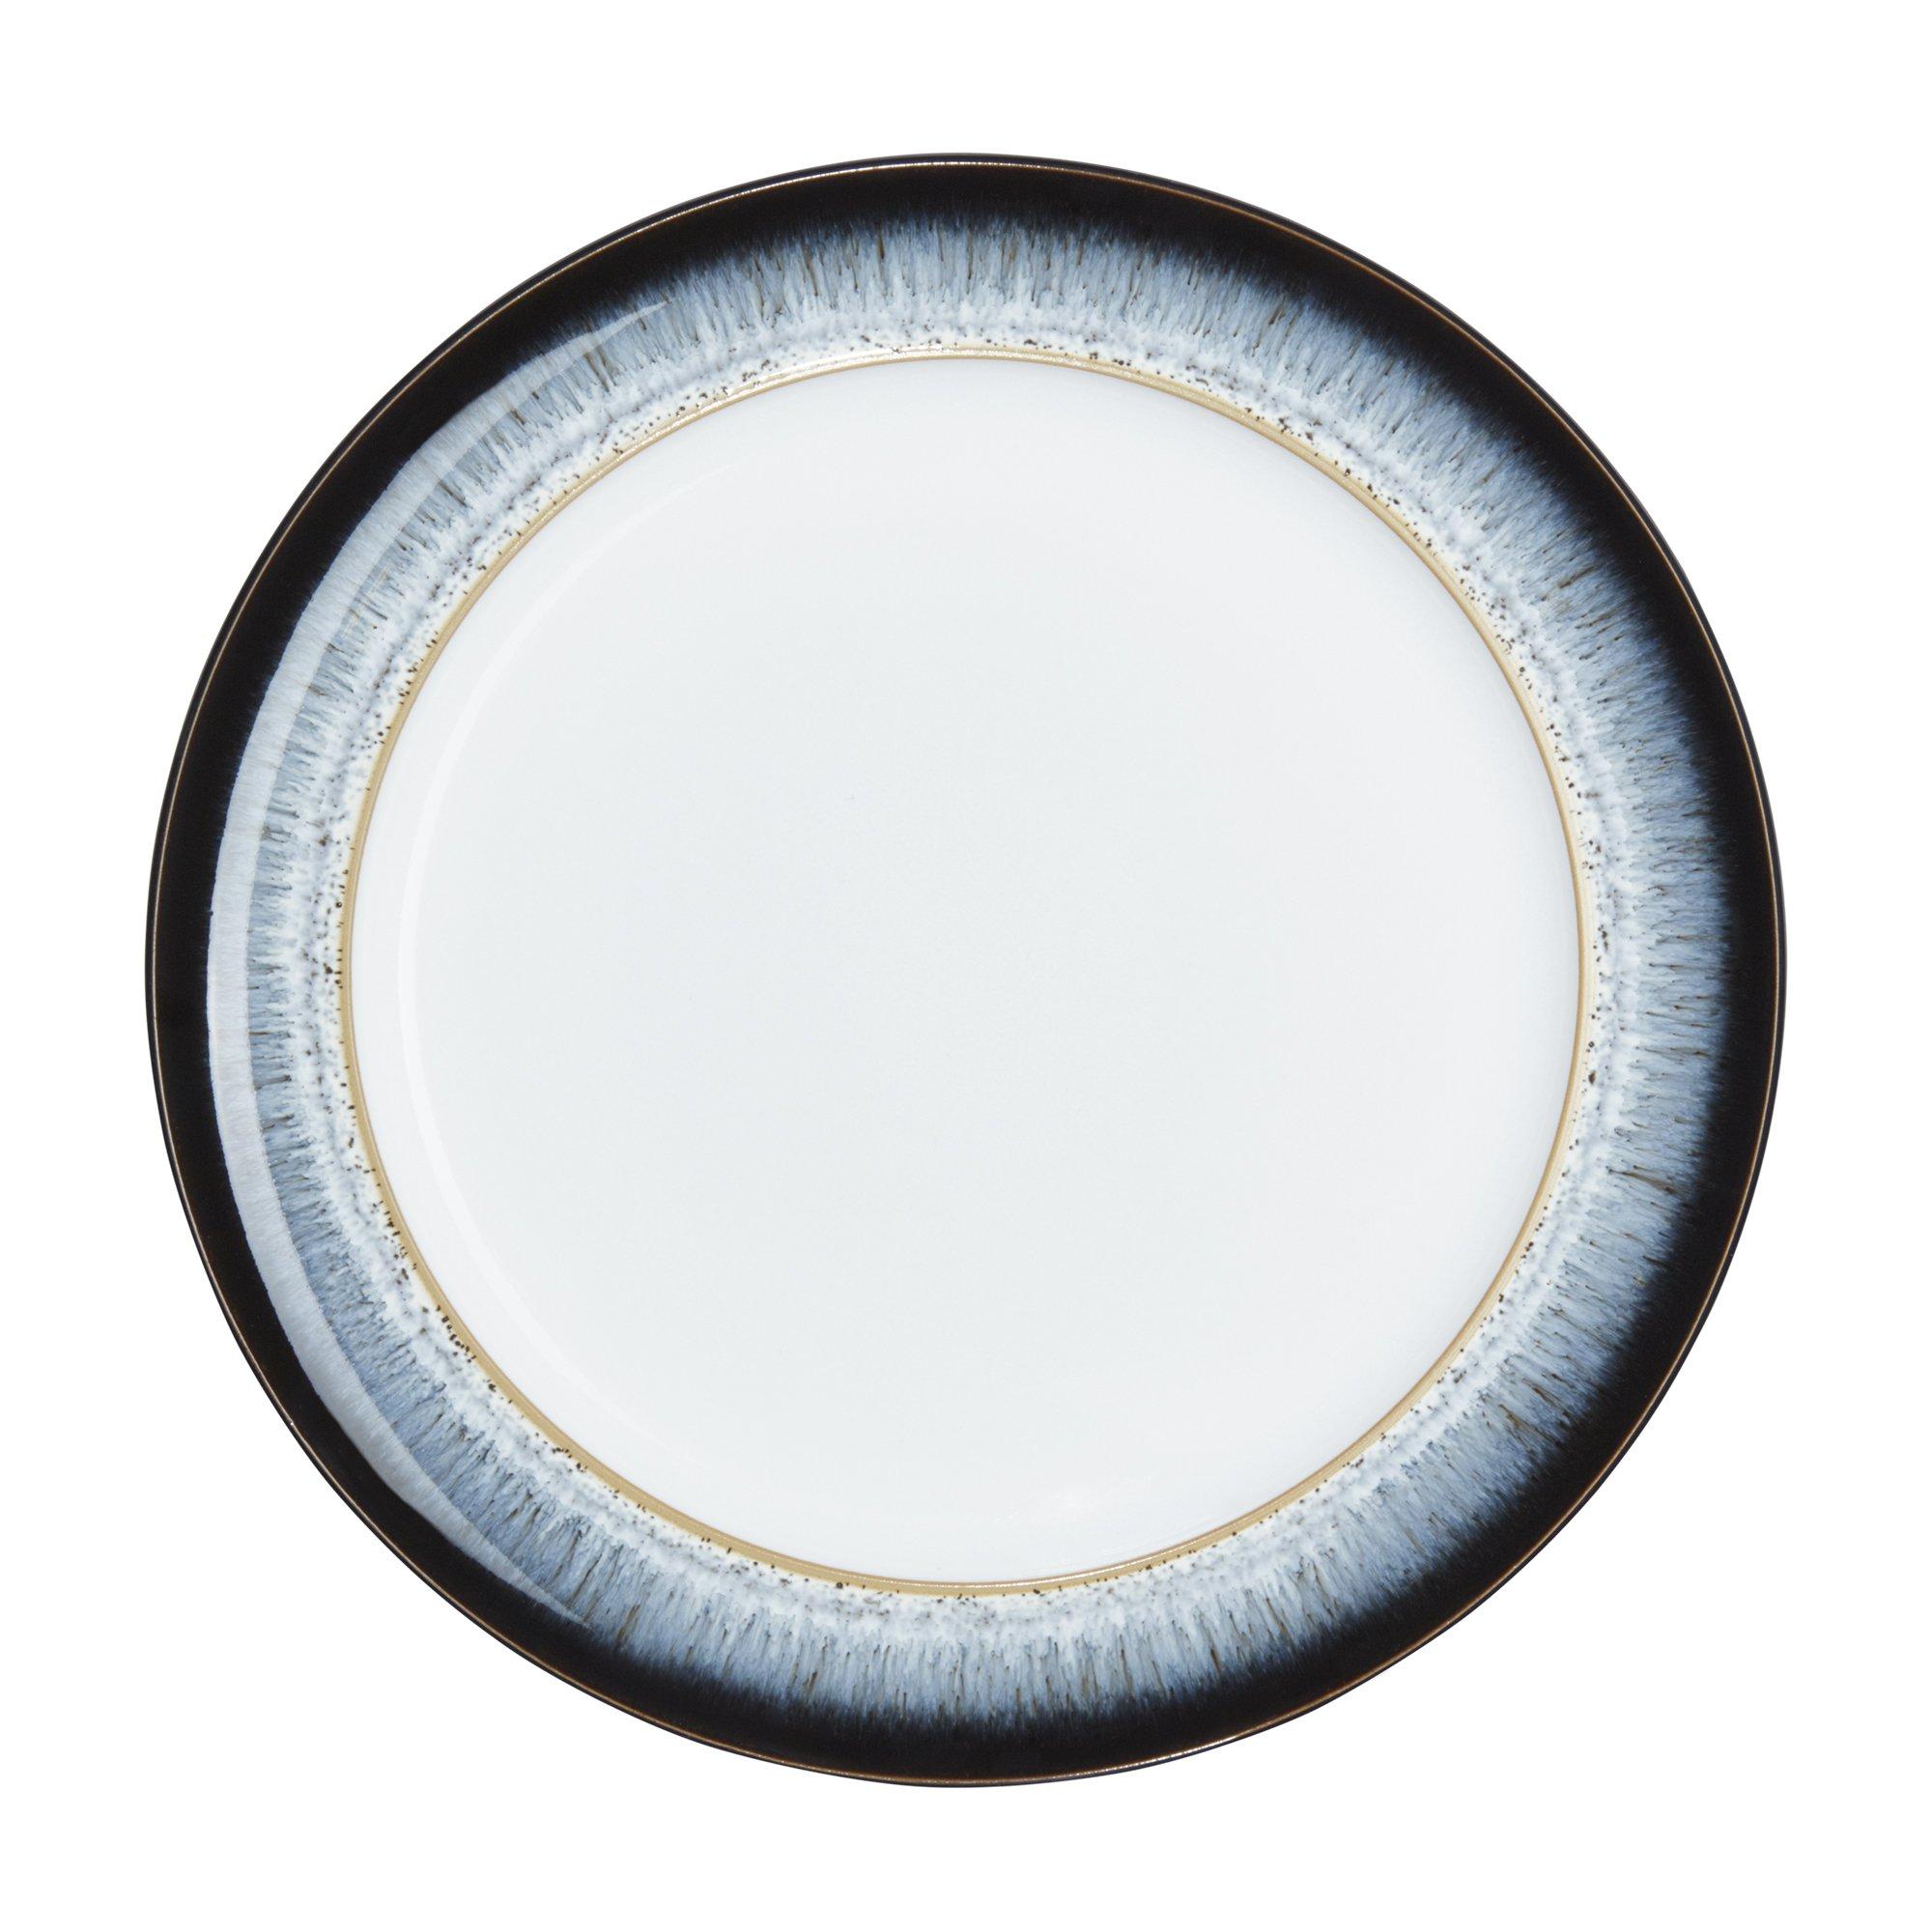 Denby Halo Wide Rimmed Dinner Plate, Set of 4